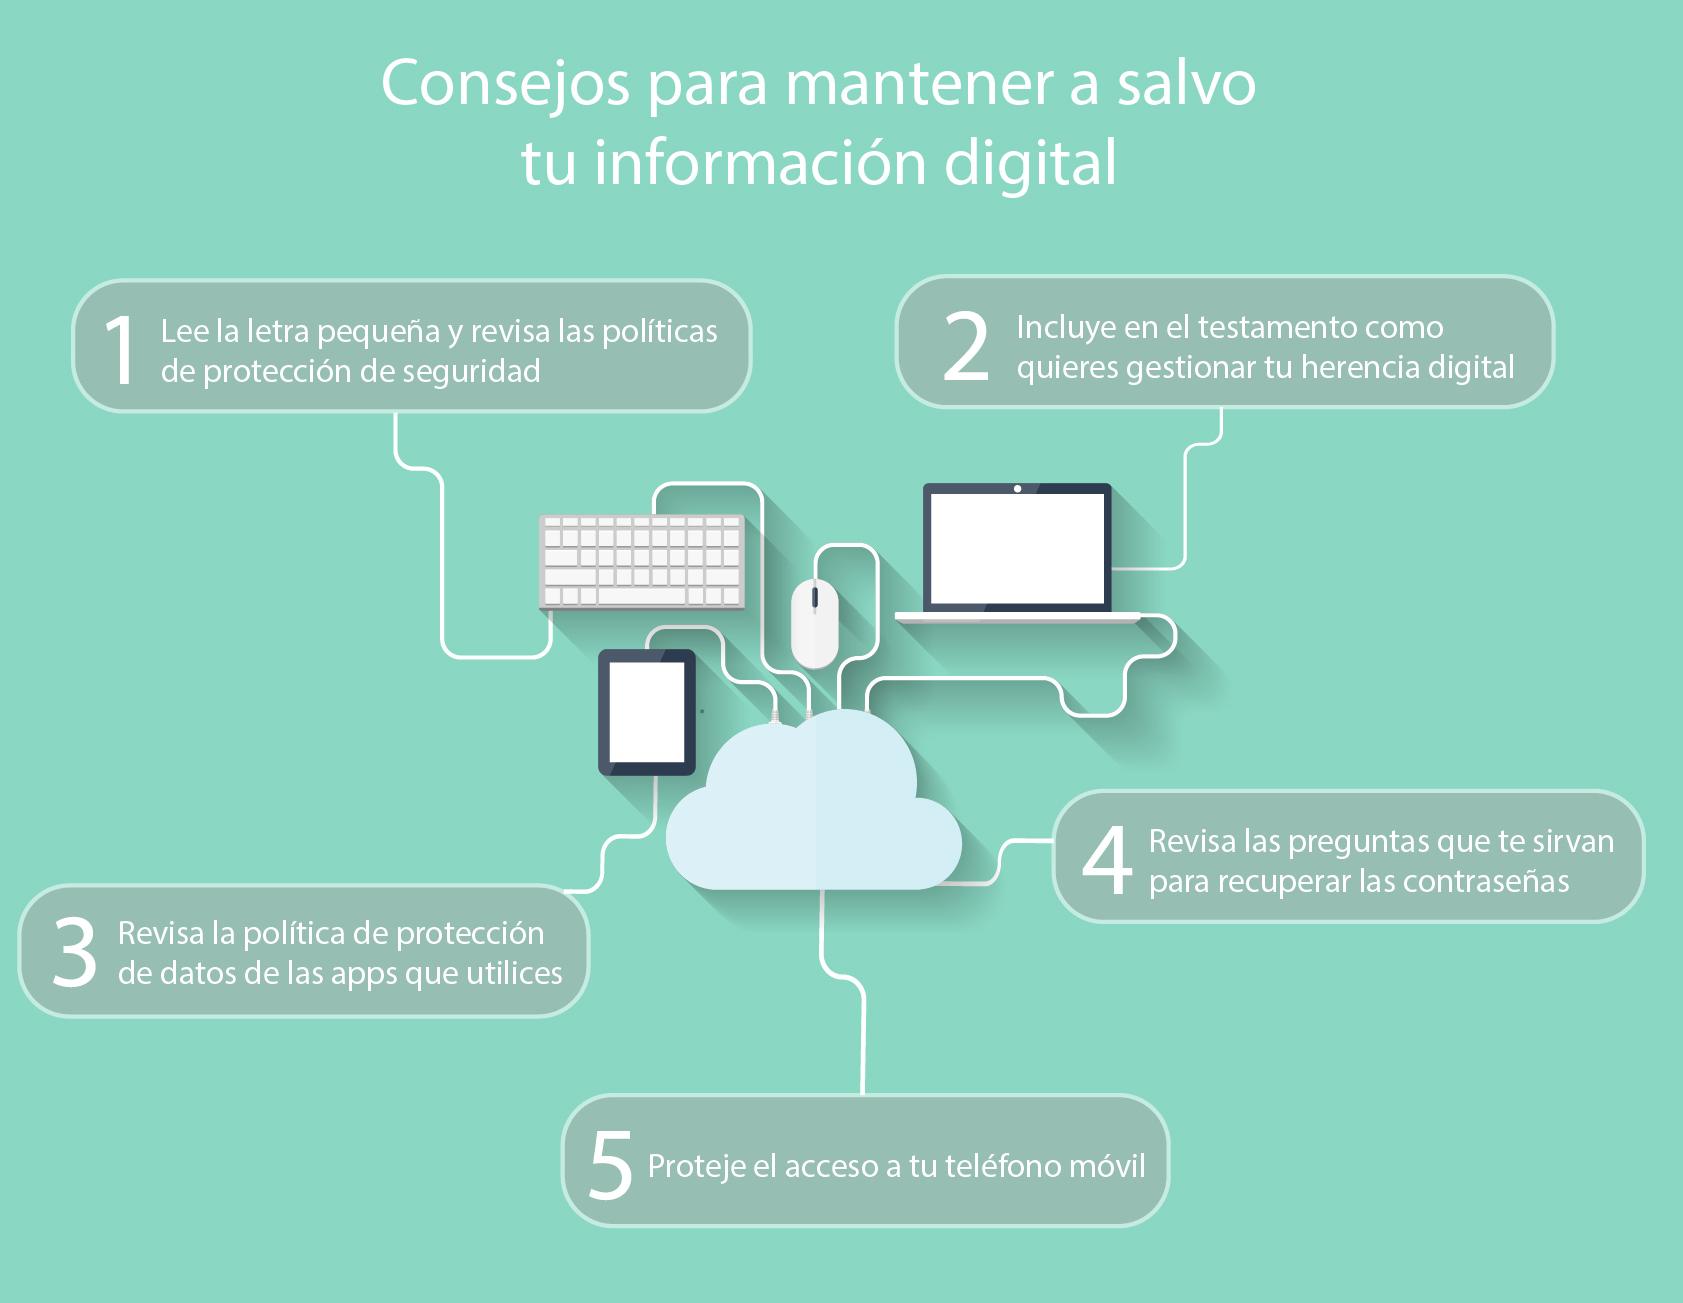 Infografía con consejos para mantener a salvo la información digital - Conversia